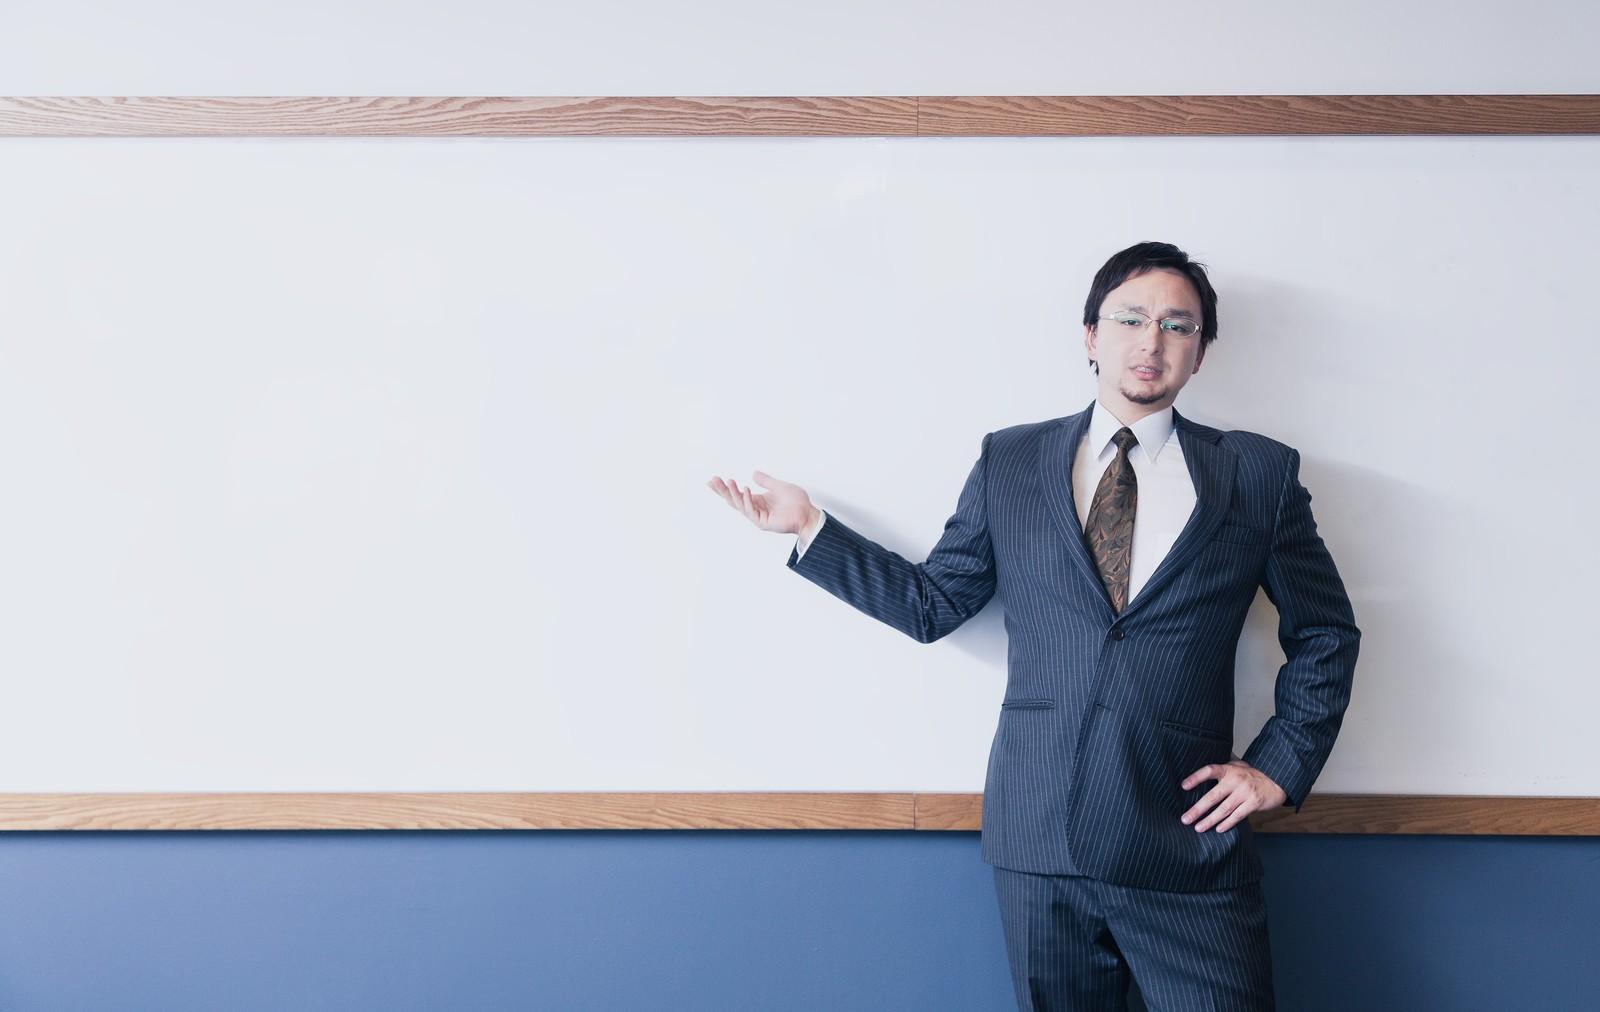 個人投資家養成スクールを開校したものの・・ Photo By ぱくたそ